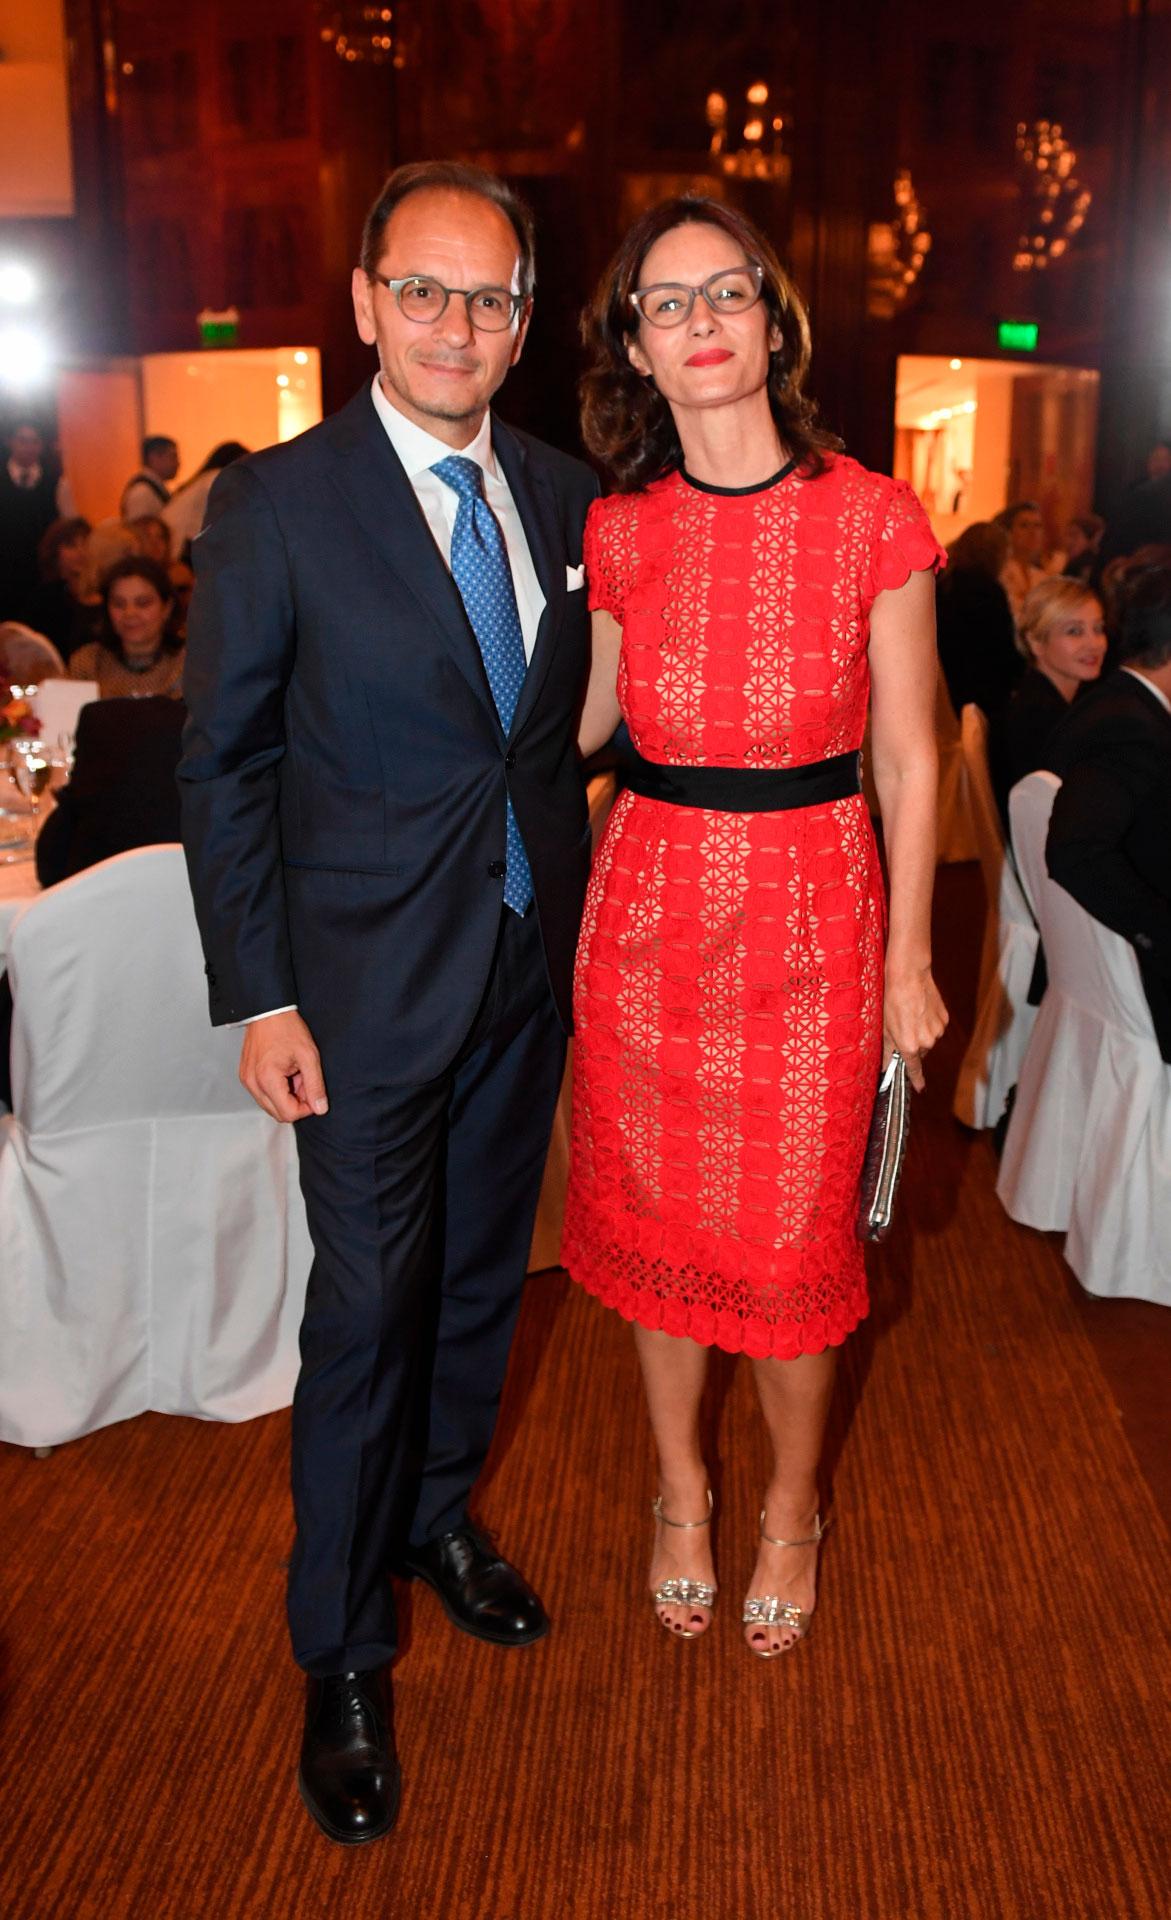 El embajador de Italia en la Argentina, Giuseppe Manzo, y su mujer Alma